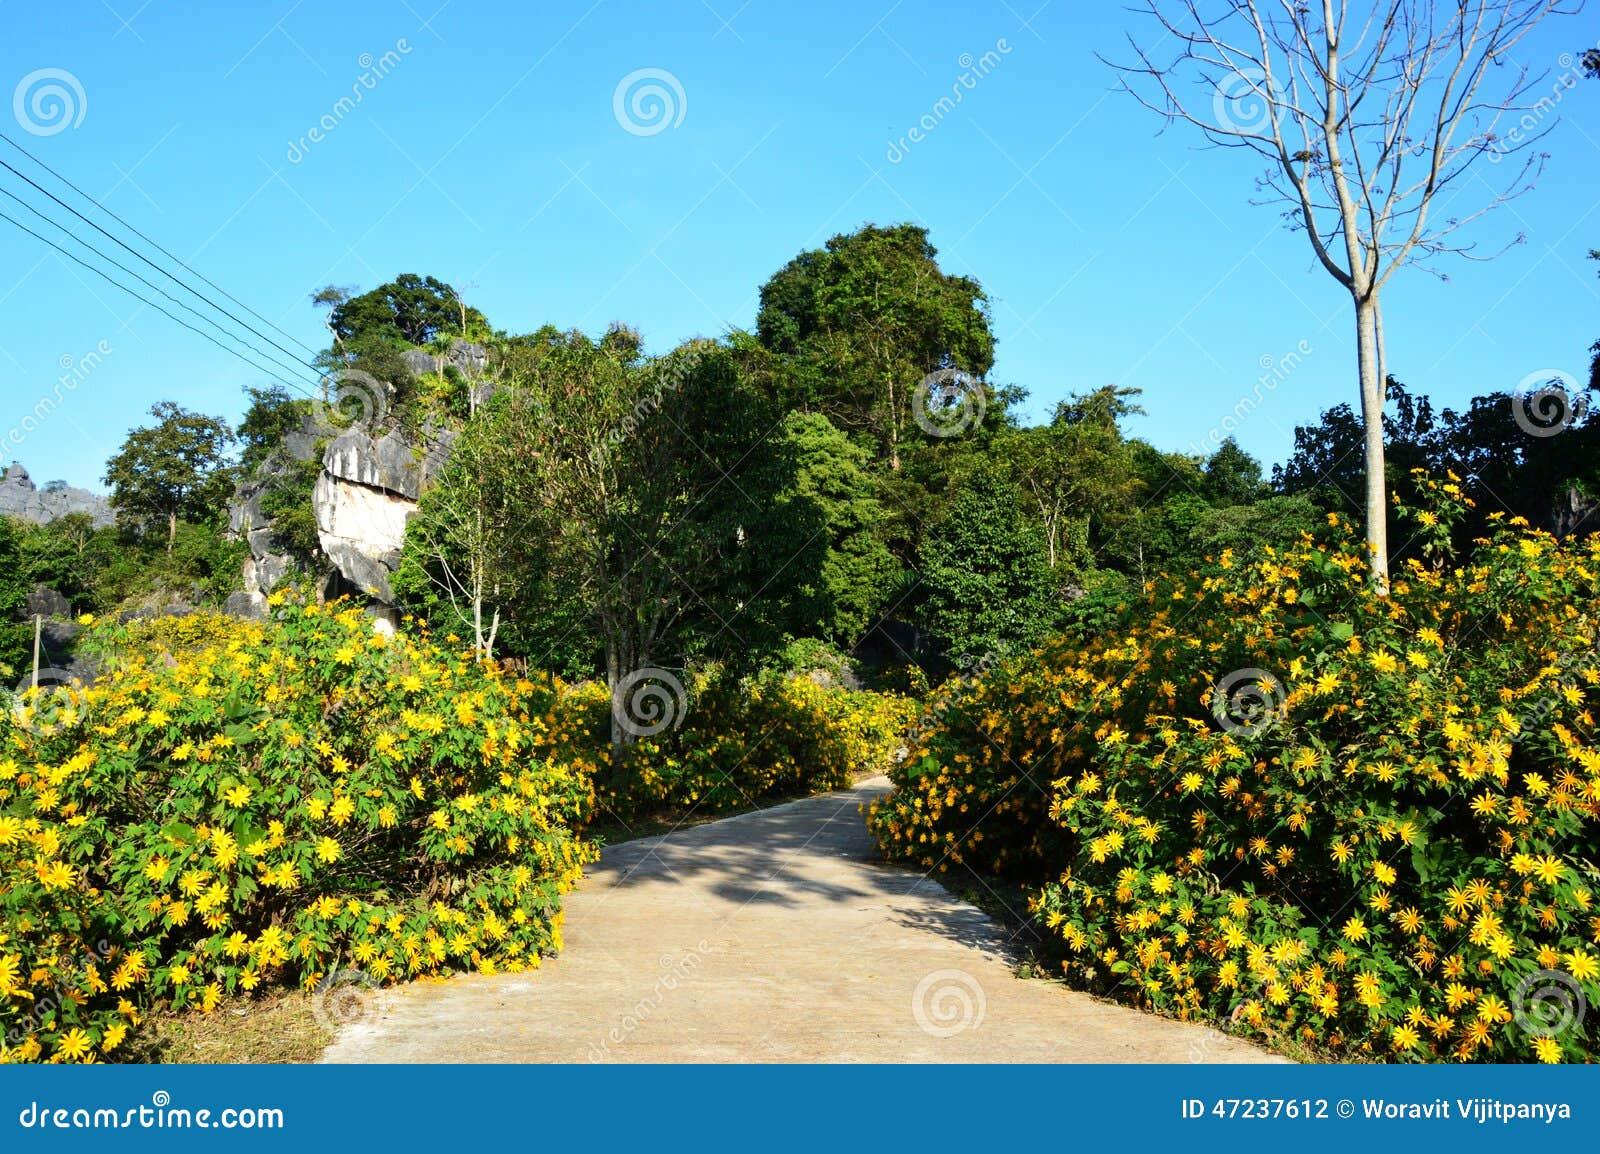 Gelbe Blumen Im Steingarten Stockfoto - Bild von blatt, klein: 47237612